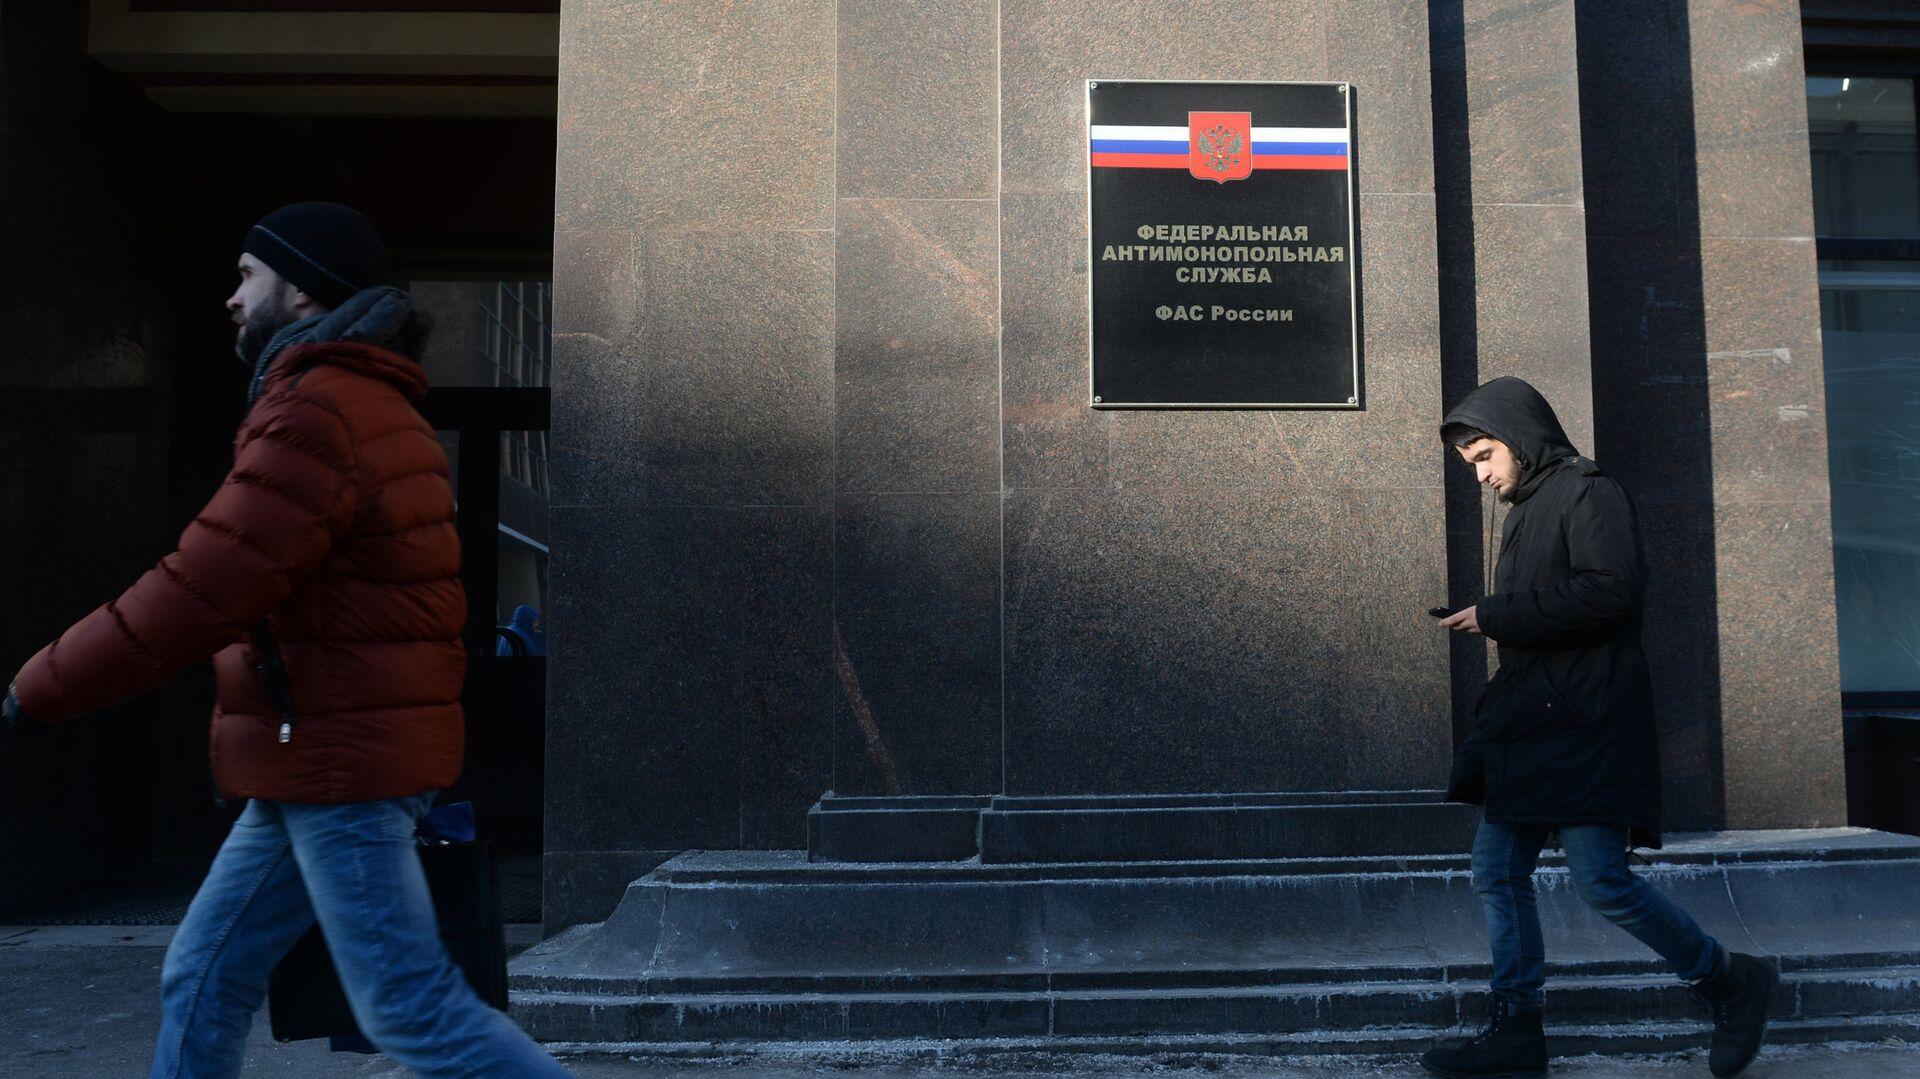 Здание Федеральной антимонопольной службы Росси - РИА Новости, 1920, 12.04.2021